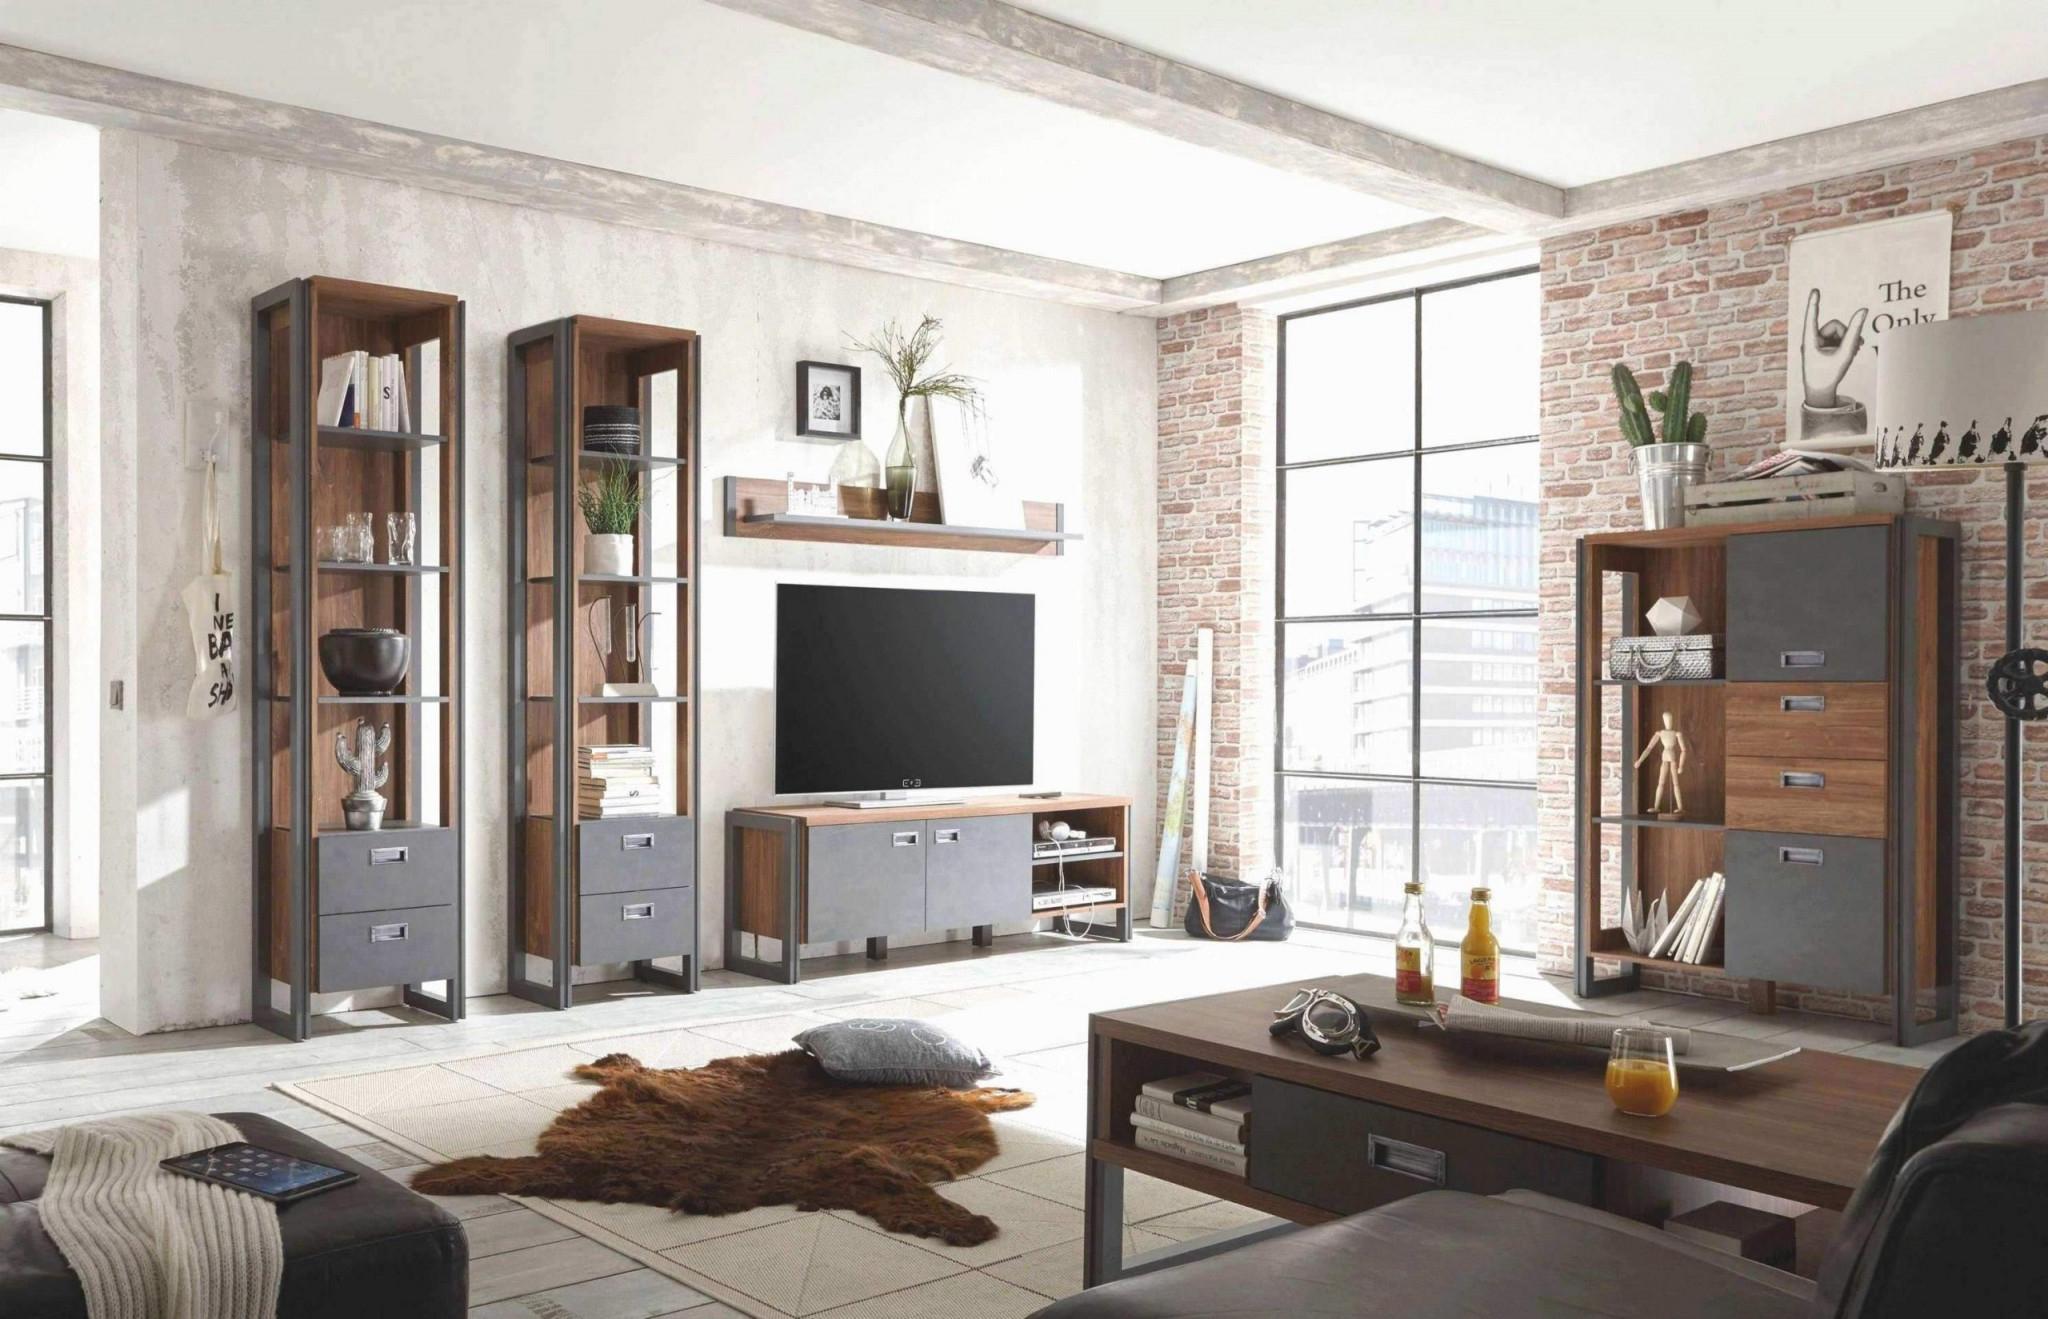 33 Reizend 16 Qm Wohnzimmer Einrichten Genial  Wohnzimmer von Wohnzimmer Schön Einrichten Bild